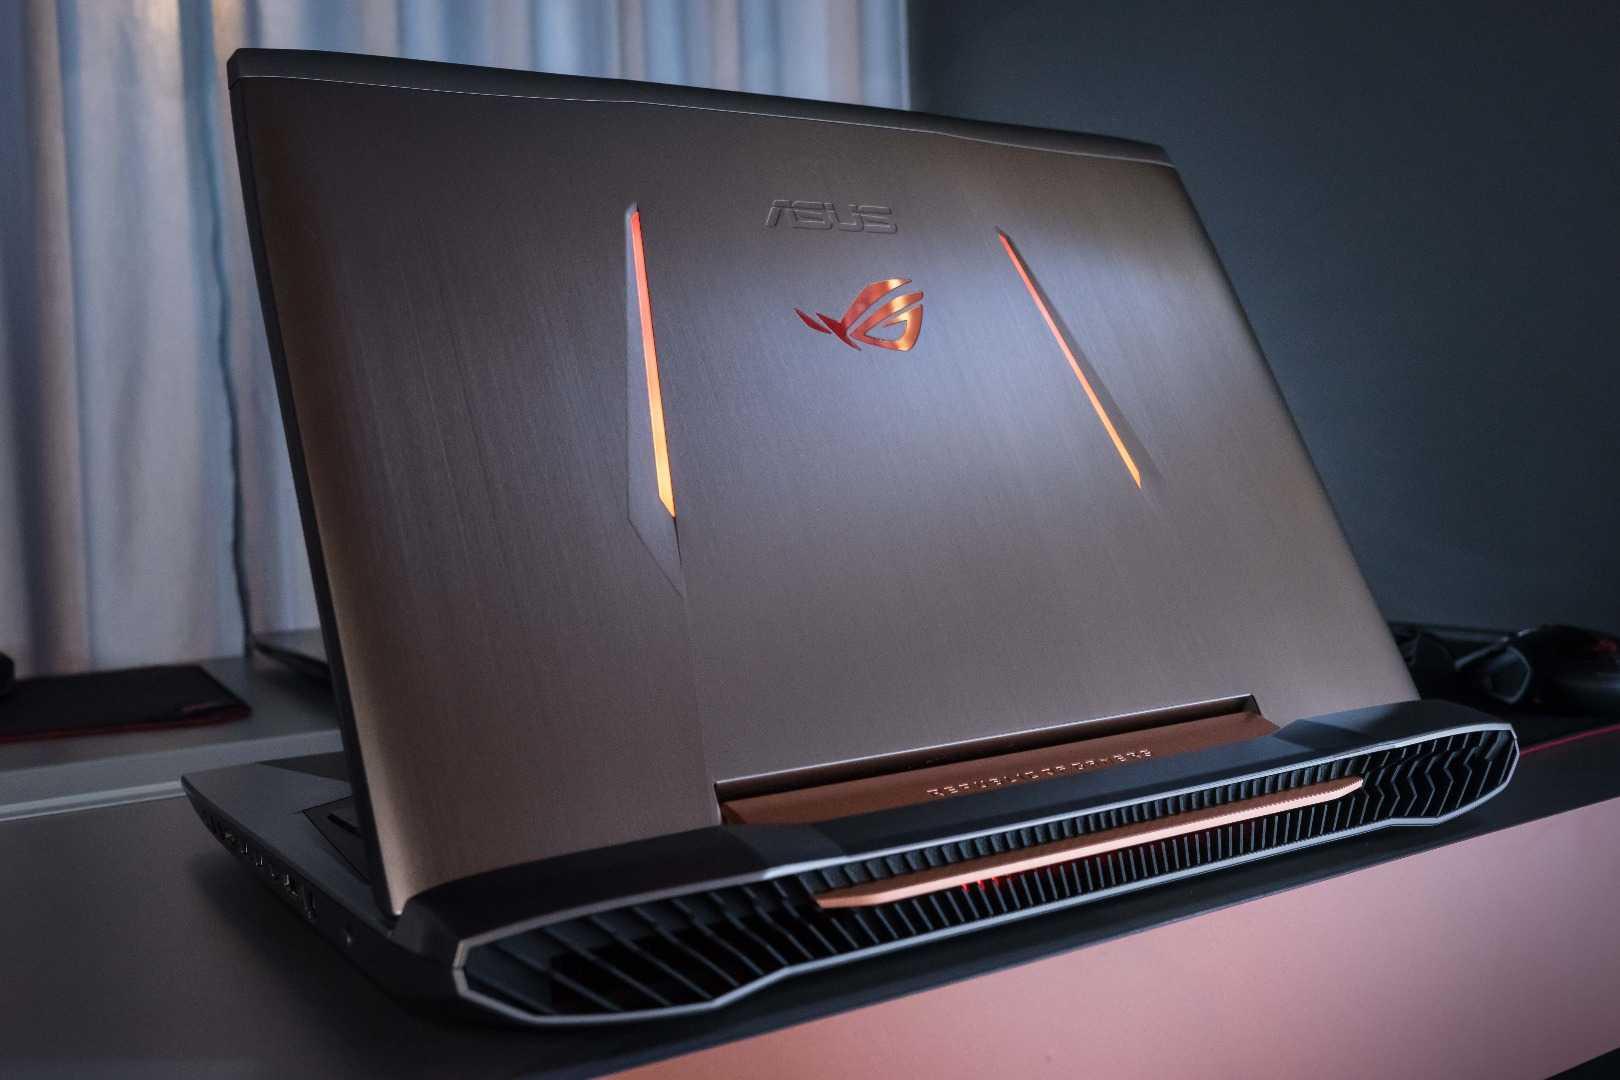 ASUS Introduces New ROG Gaming Laptops At IFA   ASUS